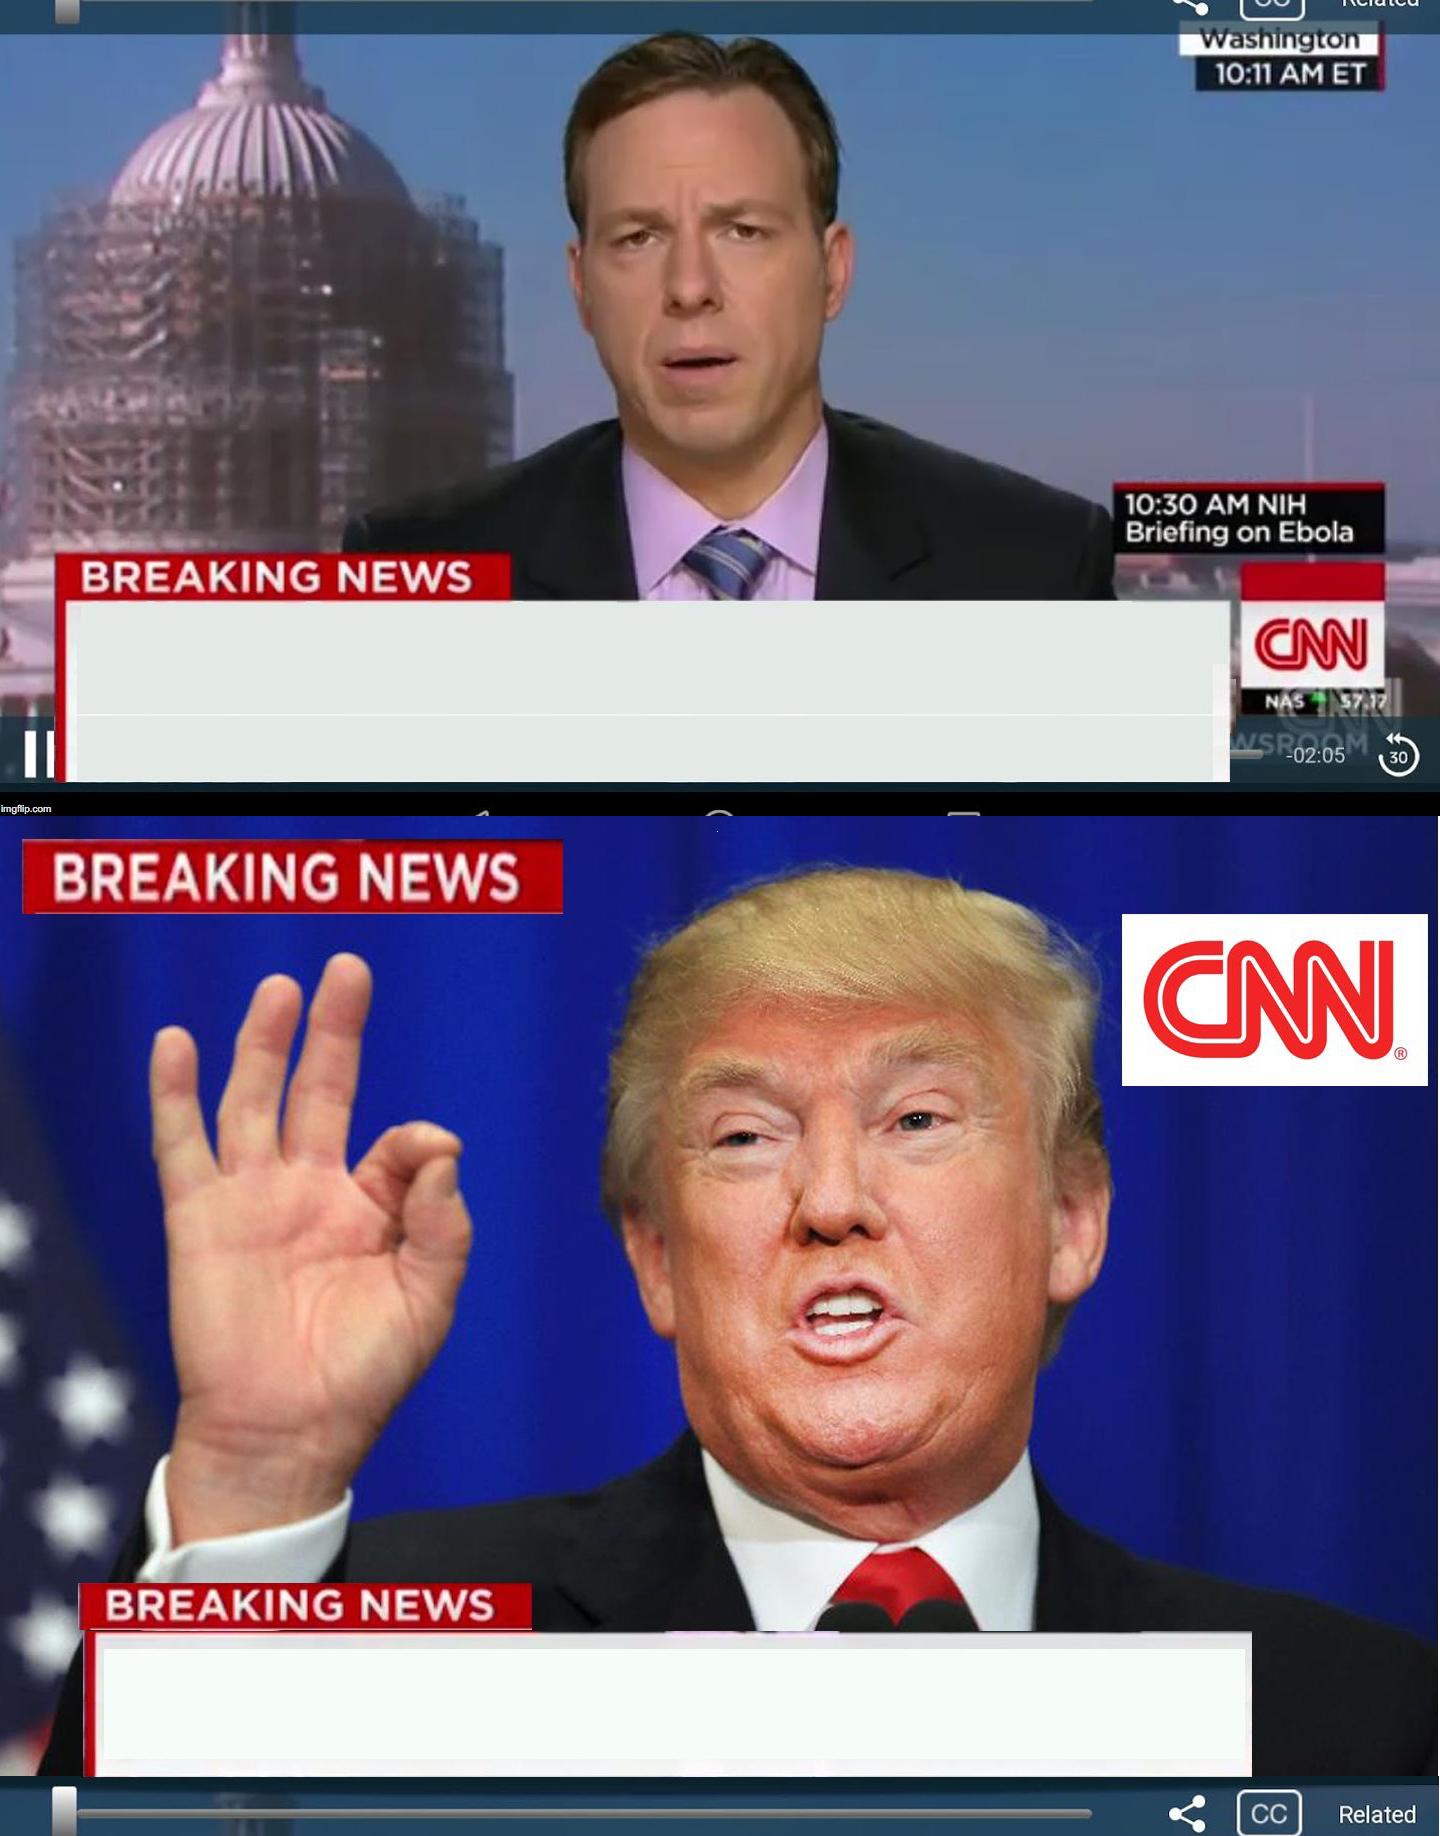 Blank Breaking News : blank, breaking, Husnain, Alston:, Breaking, Template